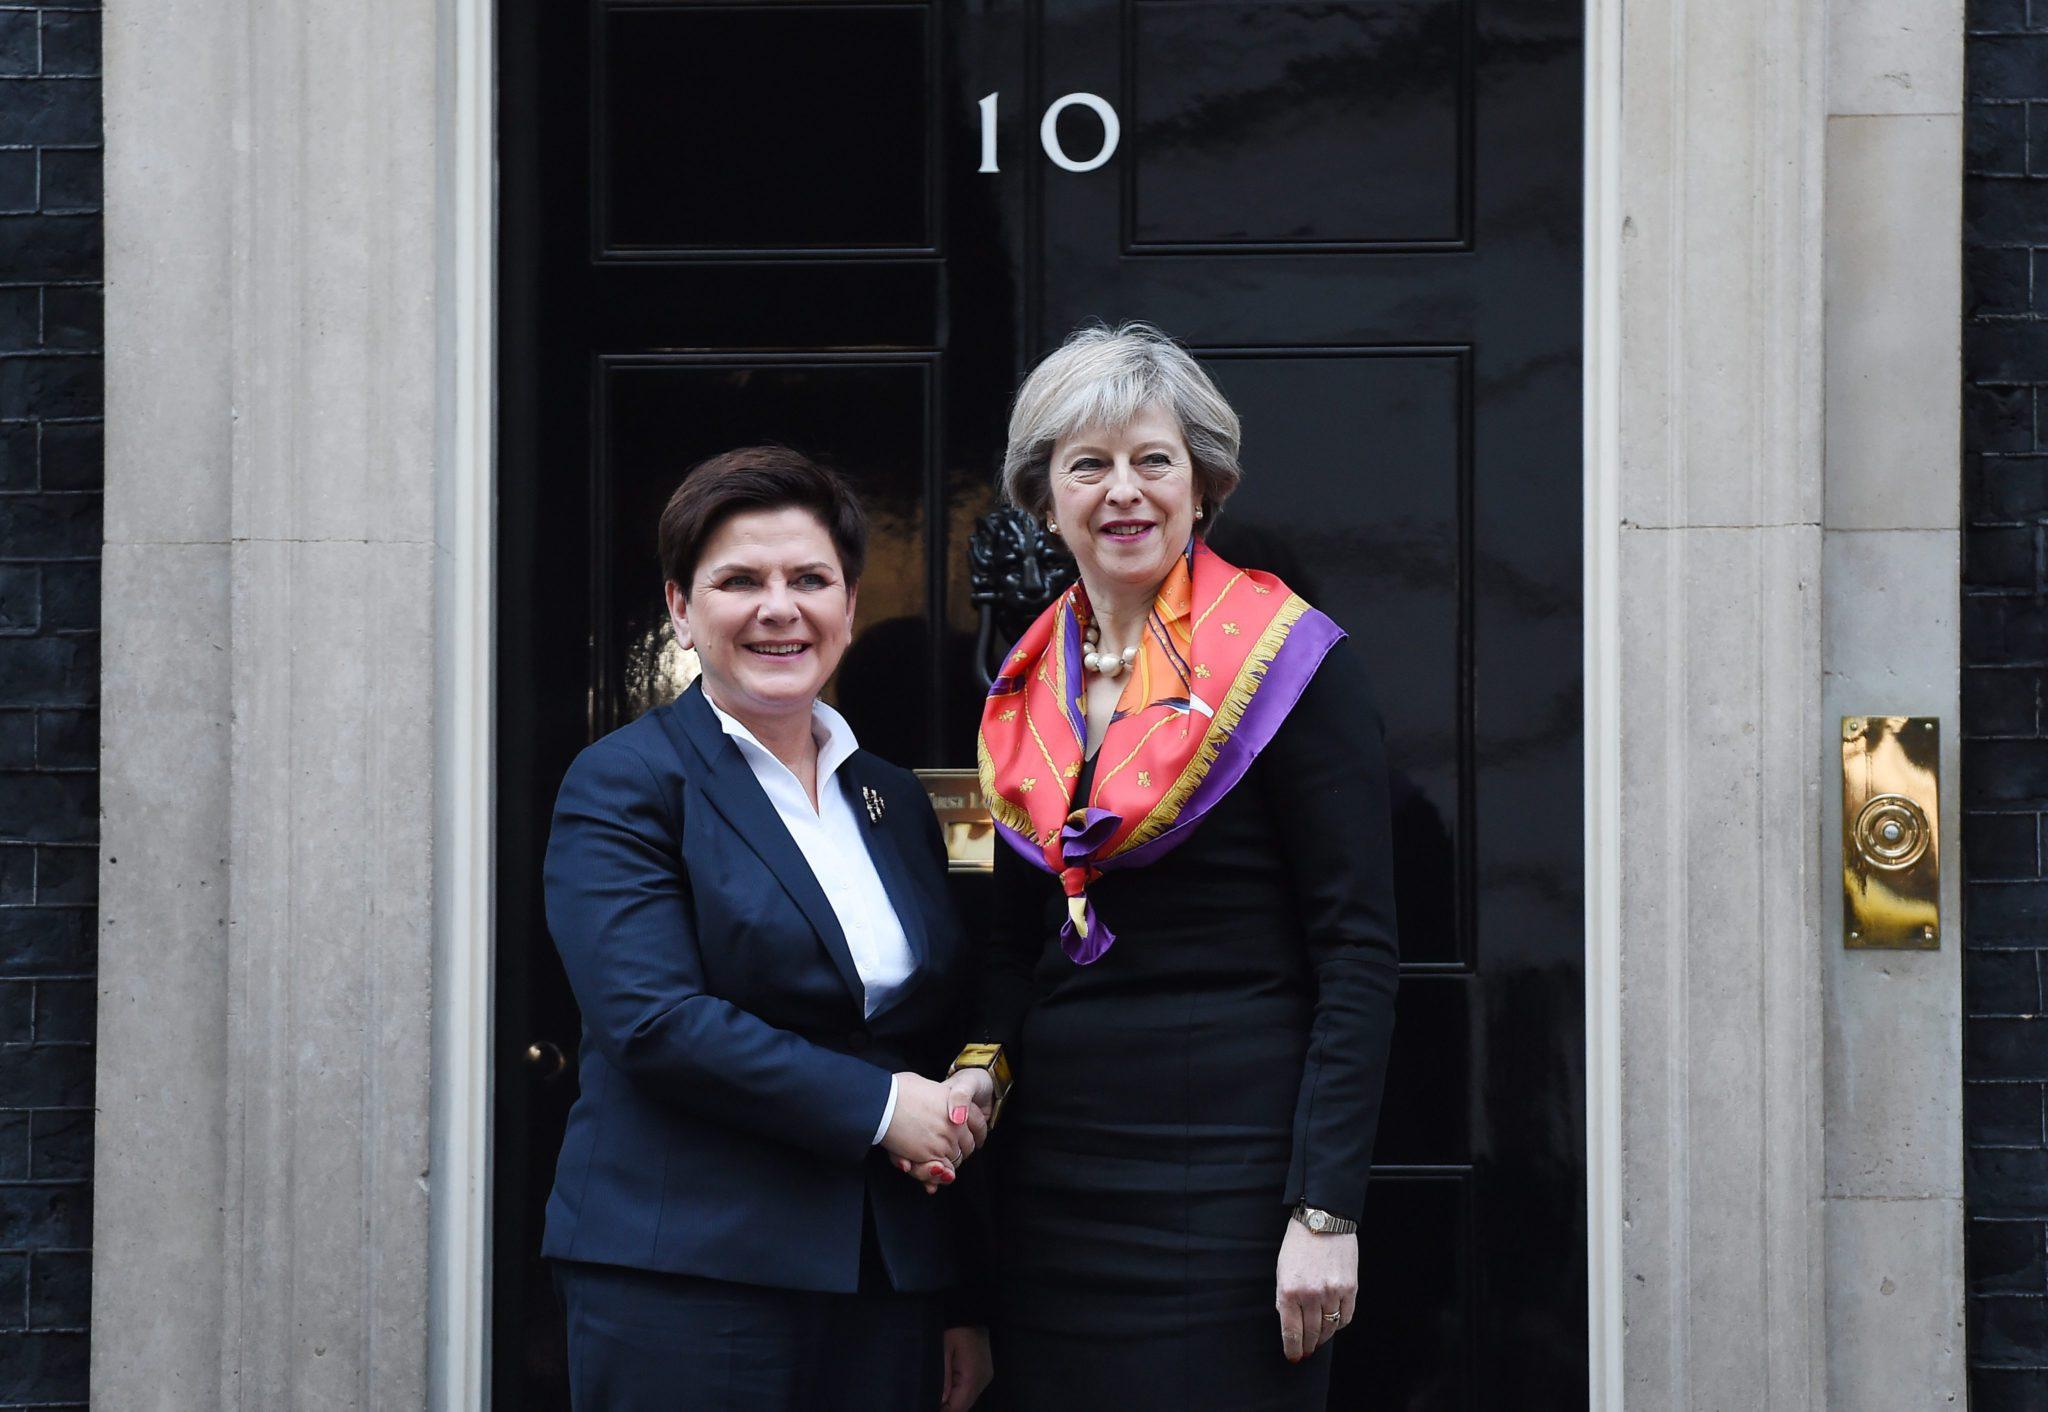 Wielka Brytania: wizyta premier Beaty Szydło w Wielkiej Brytanii (foto. PAP/EPA/ANDY RAIN)